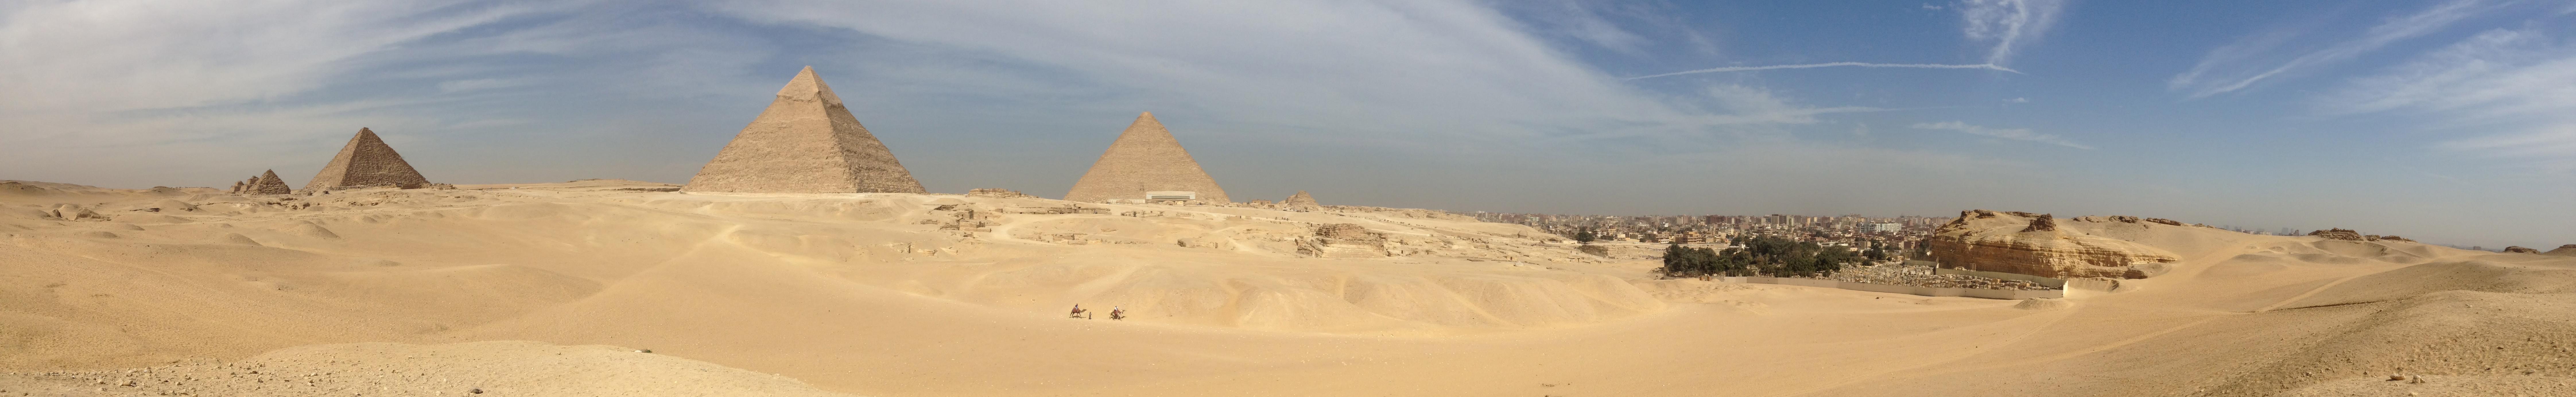 Le Caire : son souk, ses chameaux, ses pyramides